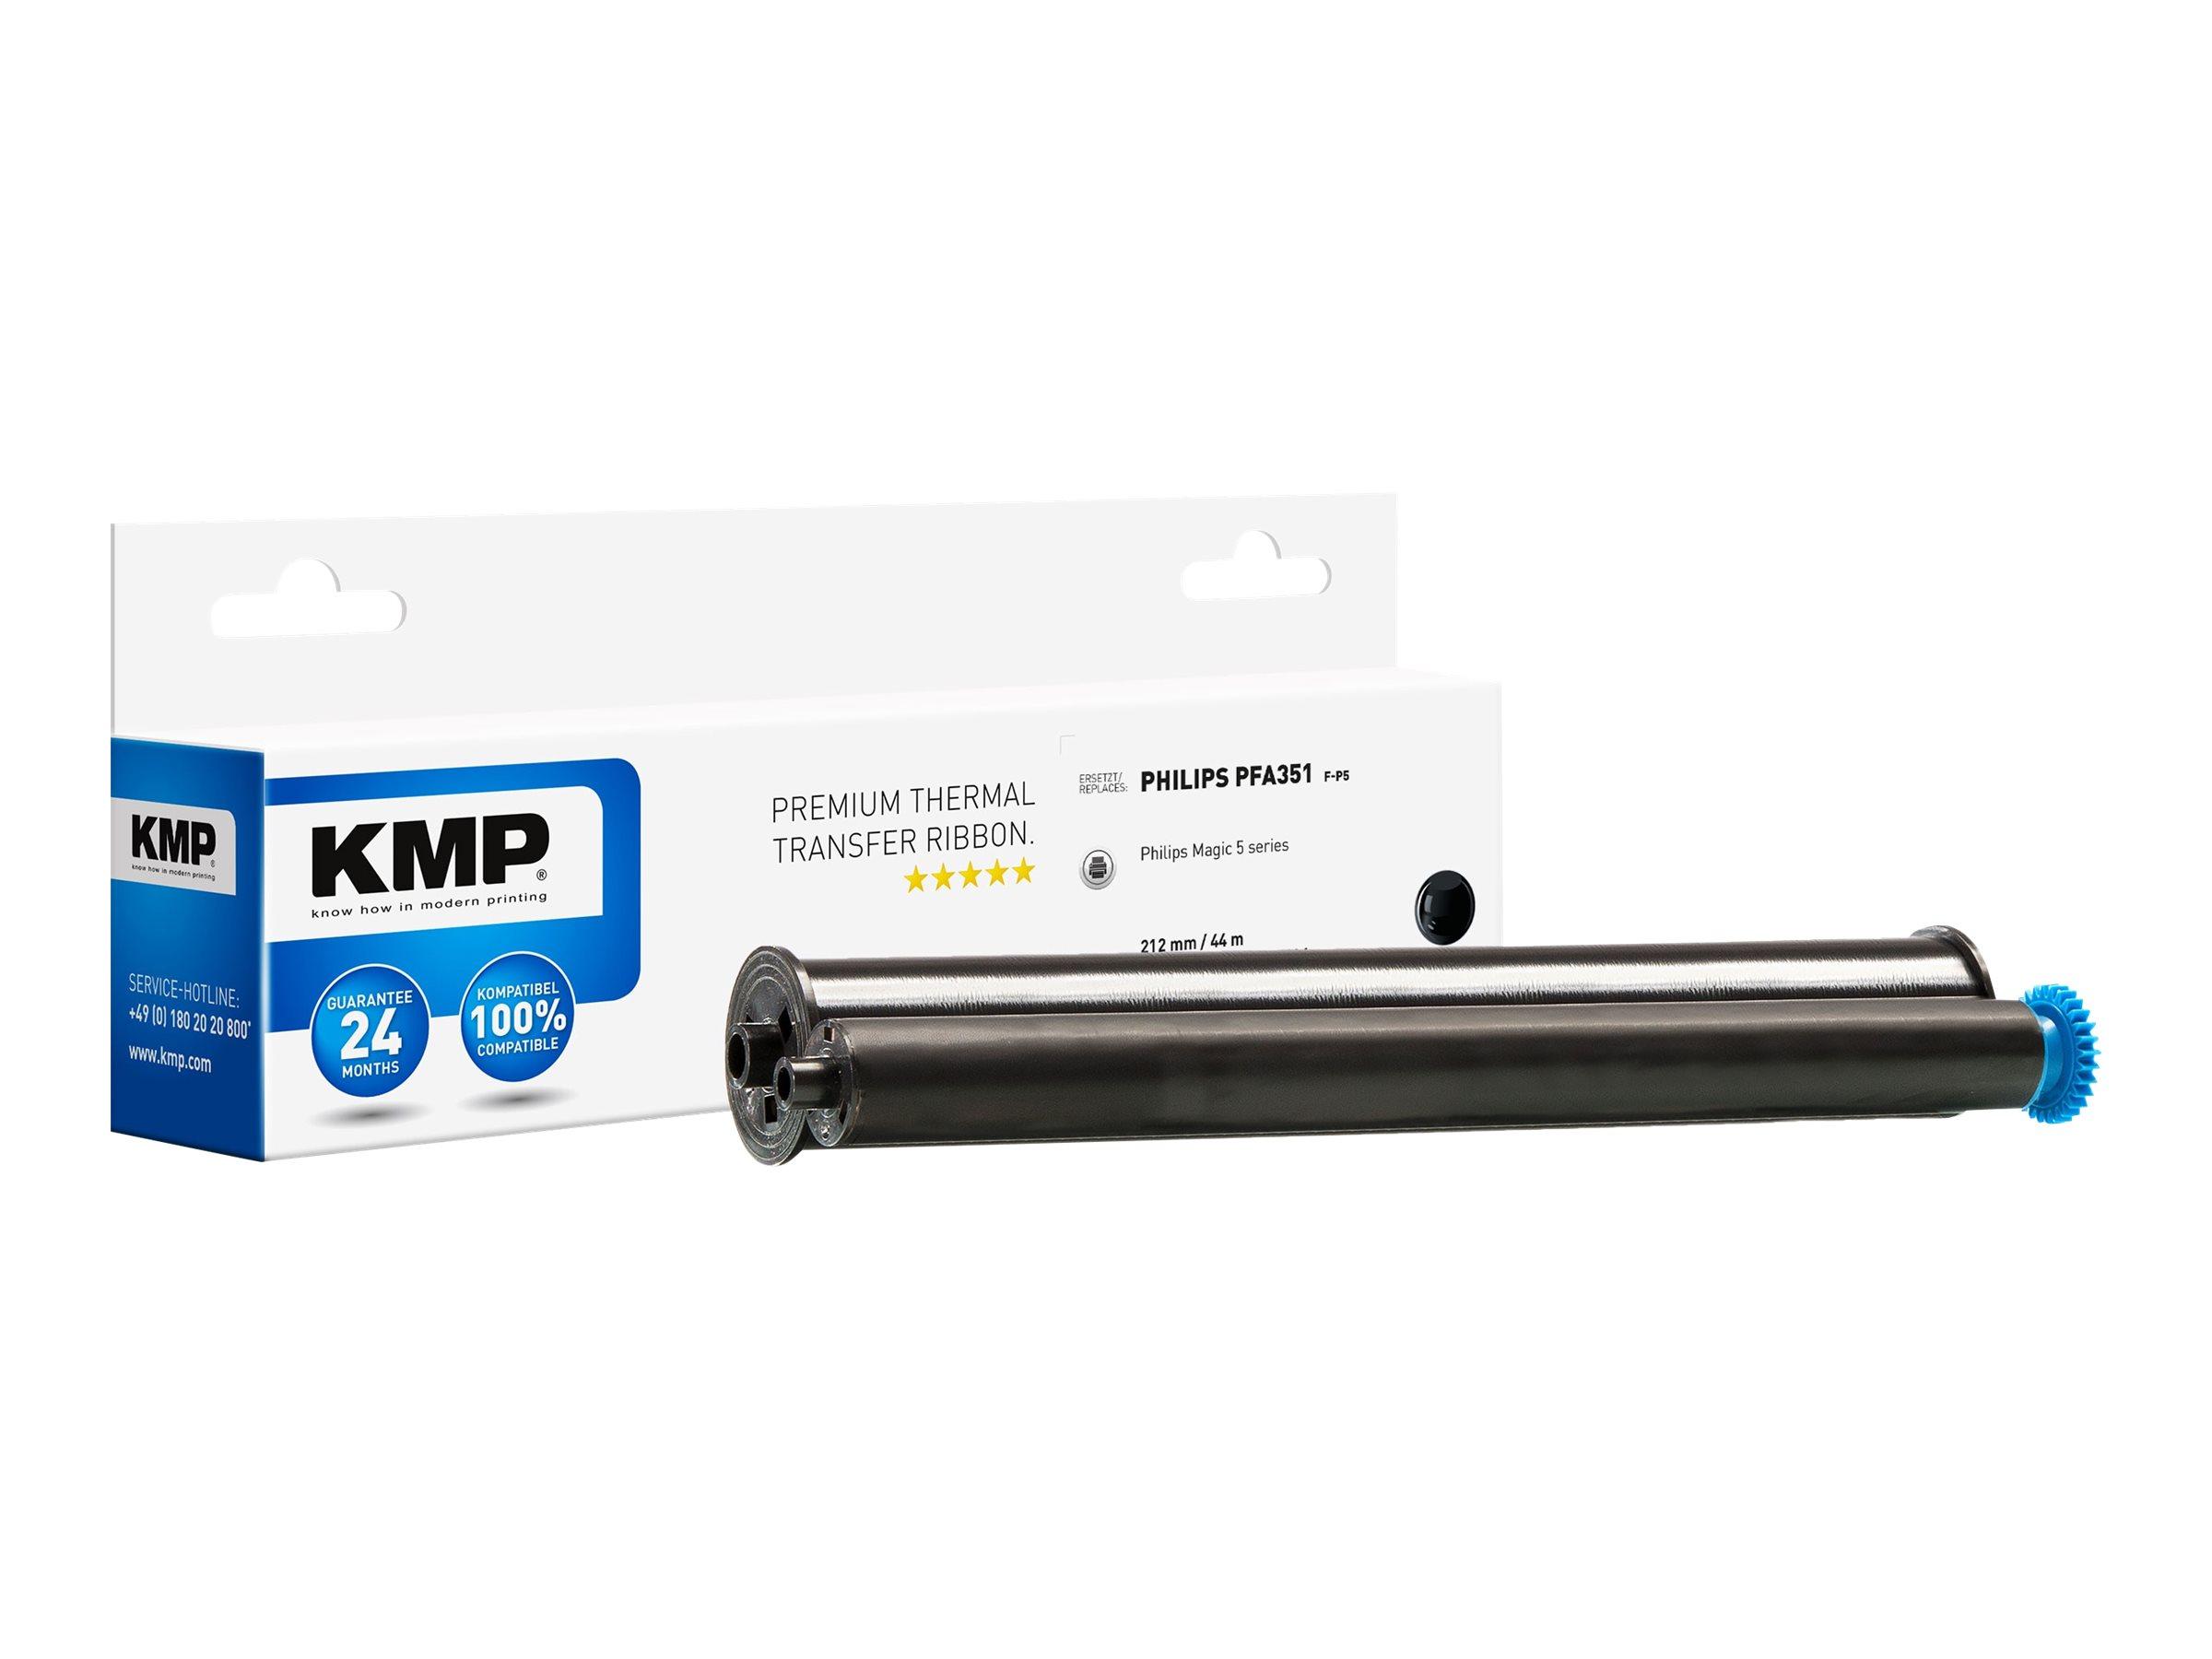 KMP F-P5 - 1 - Schwarz - 212 mm x 44 m - Farbband (Alternative zu: Philips PFA 351, Philips PFA 352)